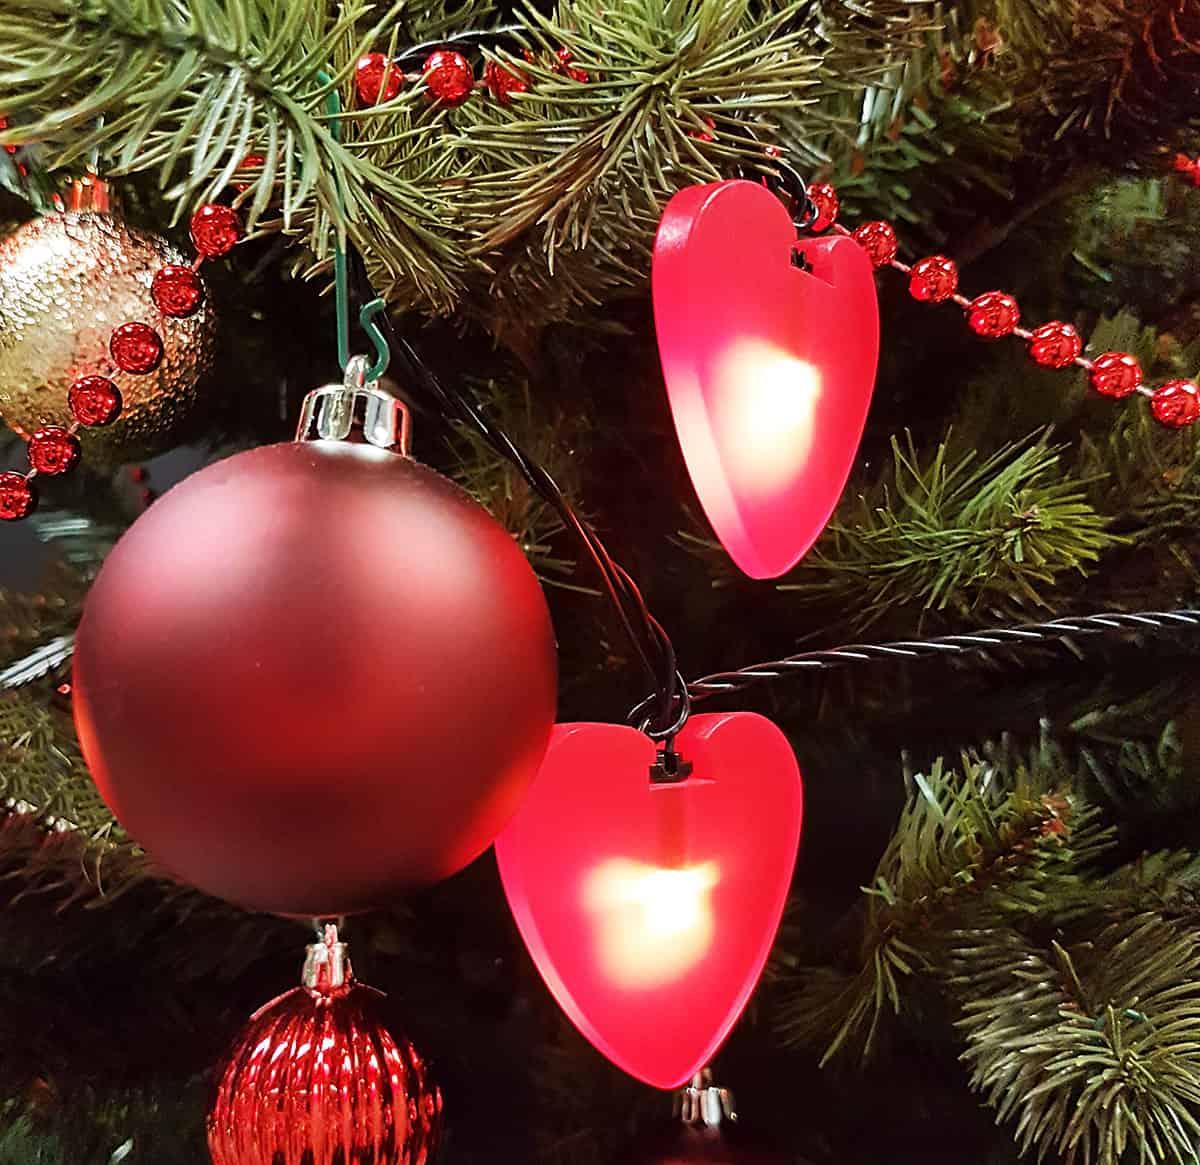 Suche Schöne Weihnachtsdeko.Tolle Weihnachtskugeln Ikea Für Sich Entdecken Und Online Bestellen